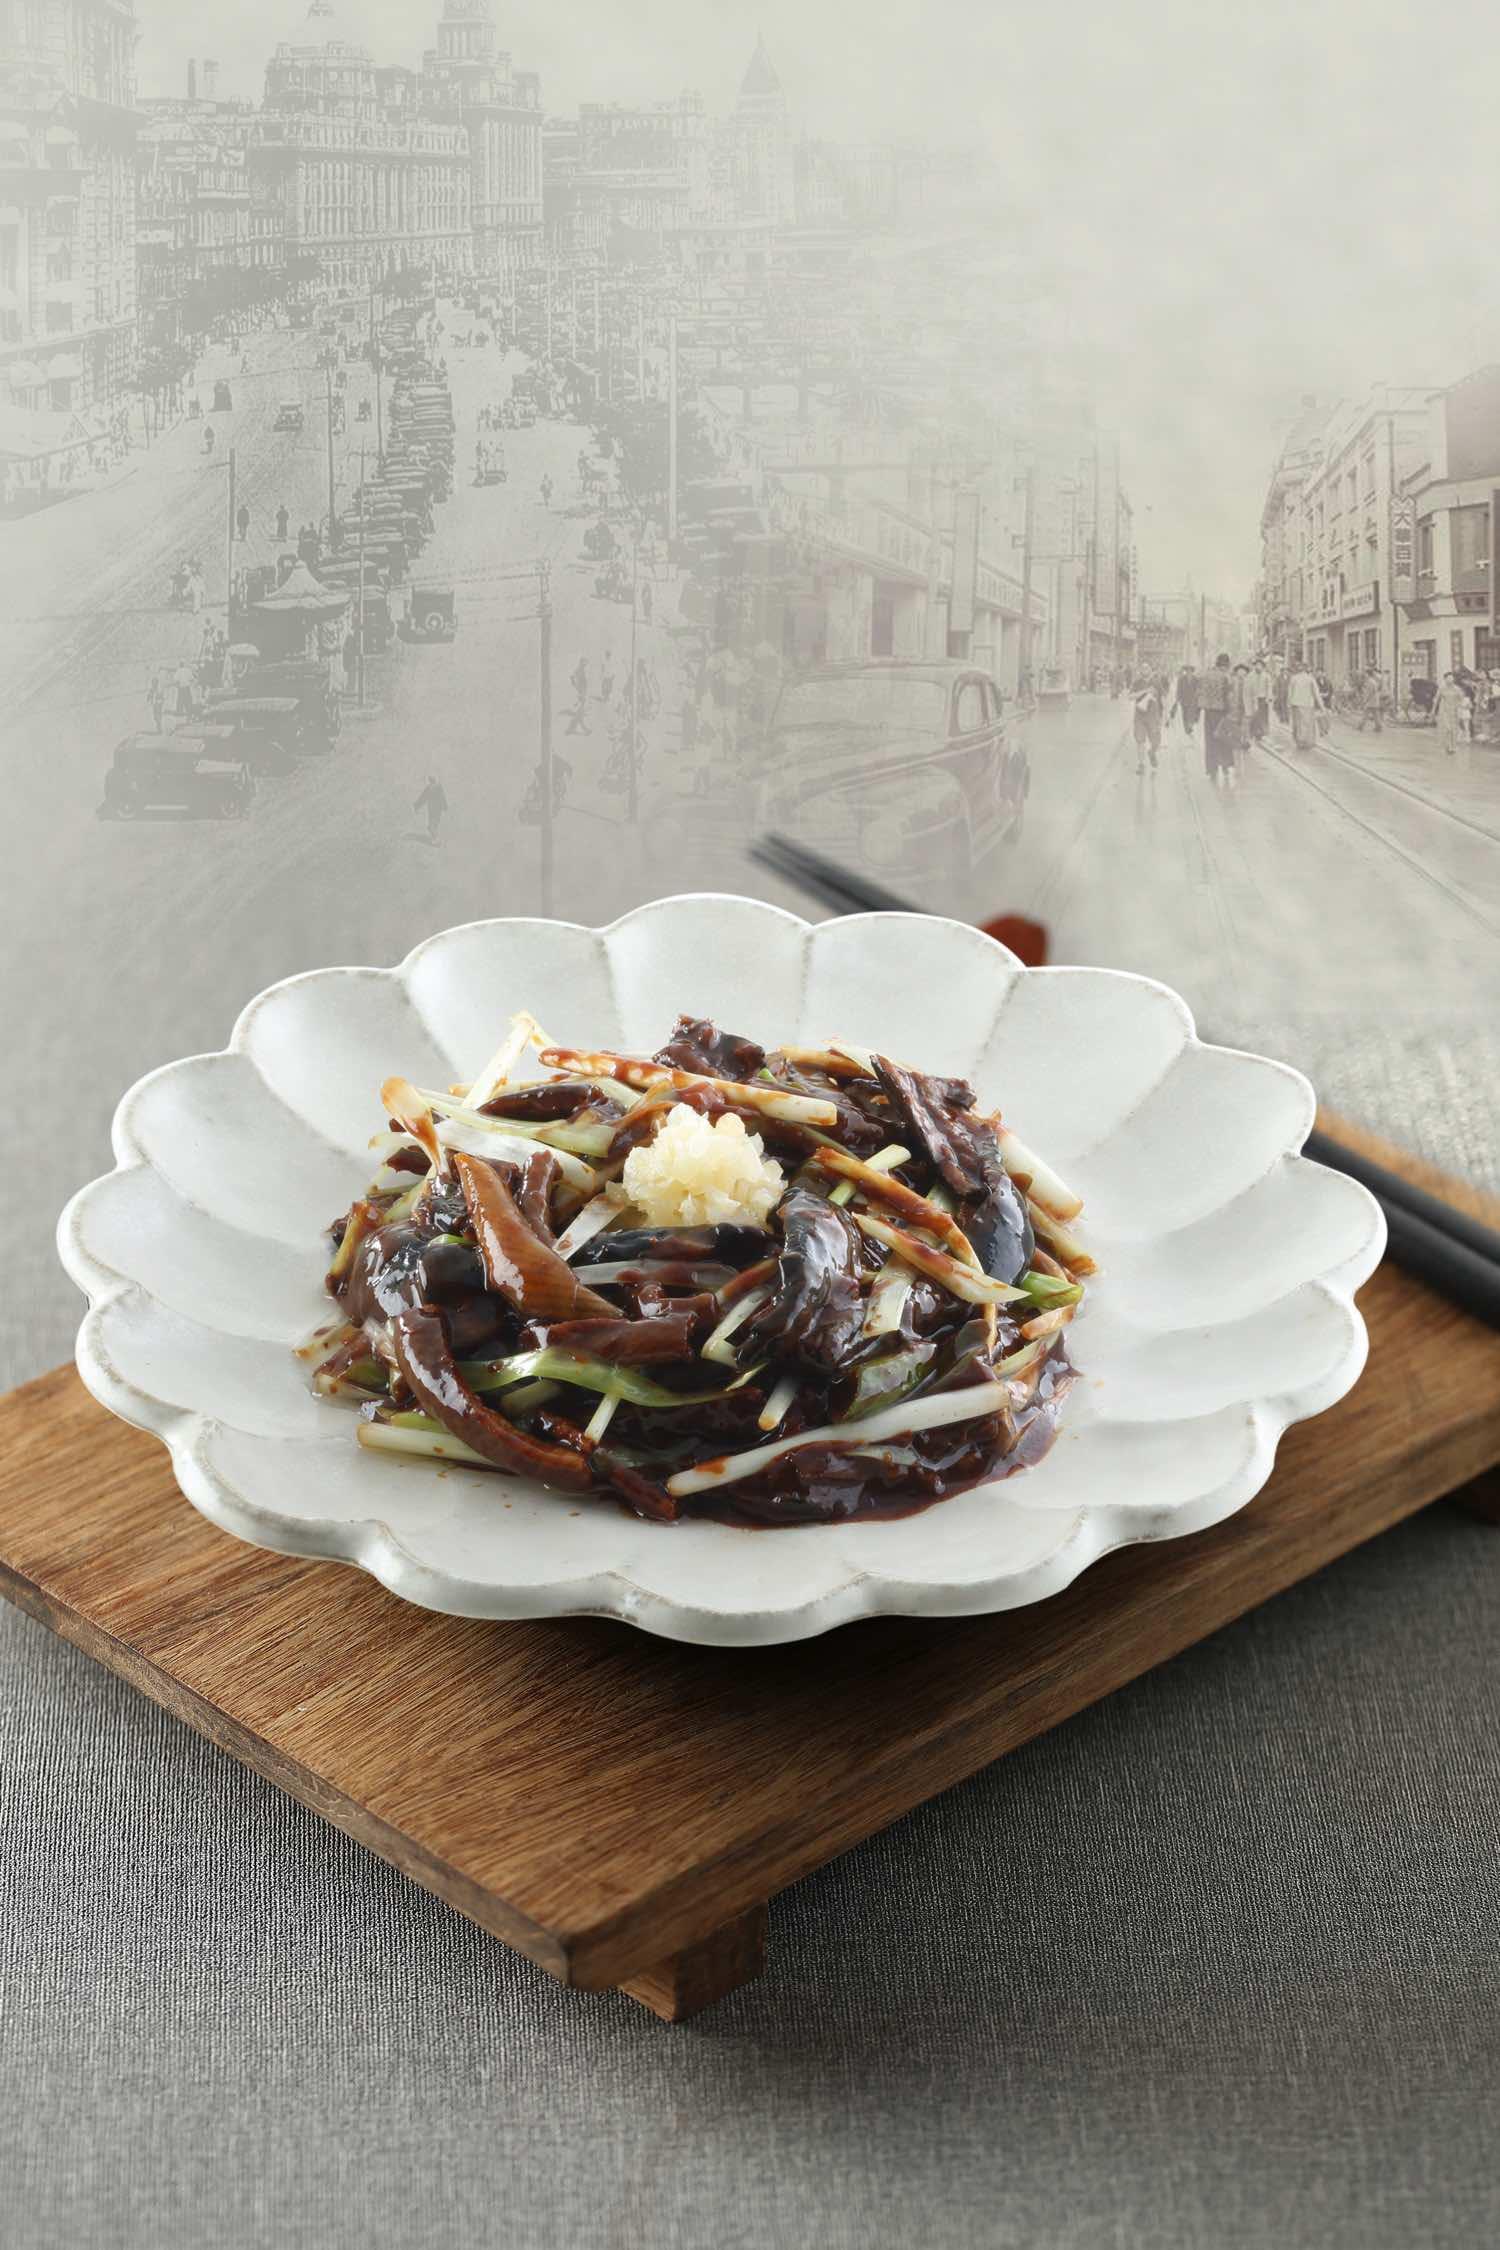 「 郵覓老上海 」系列重現經典  上海姥姥還原傳統特色滬饌